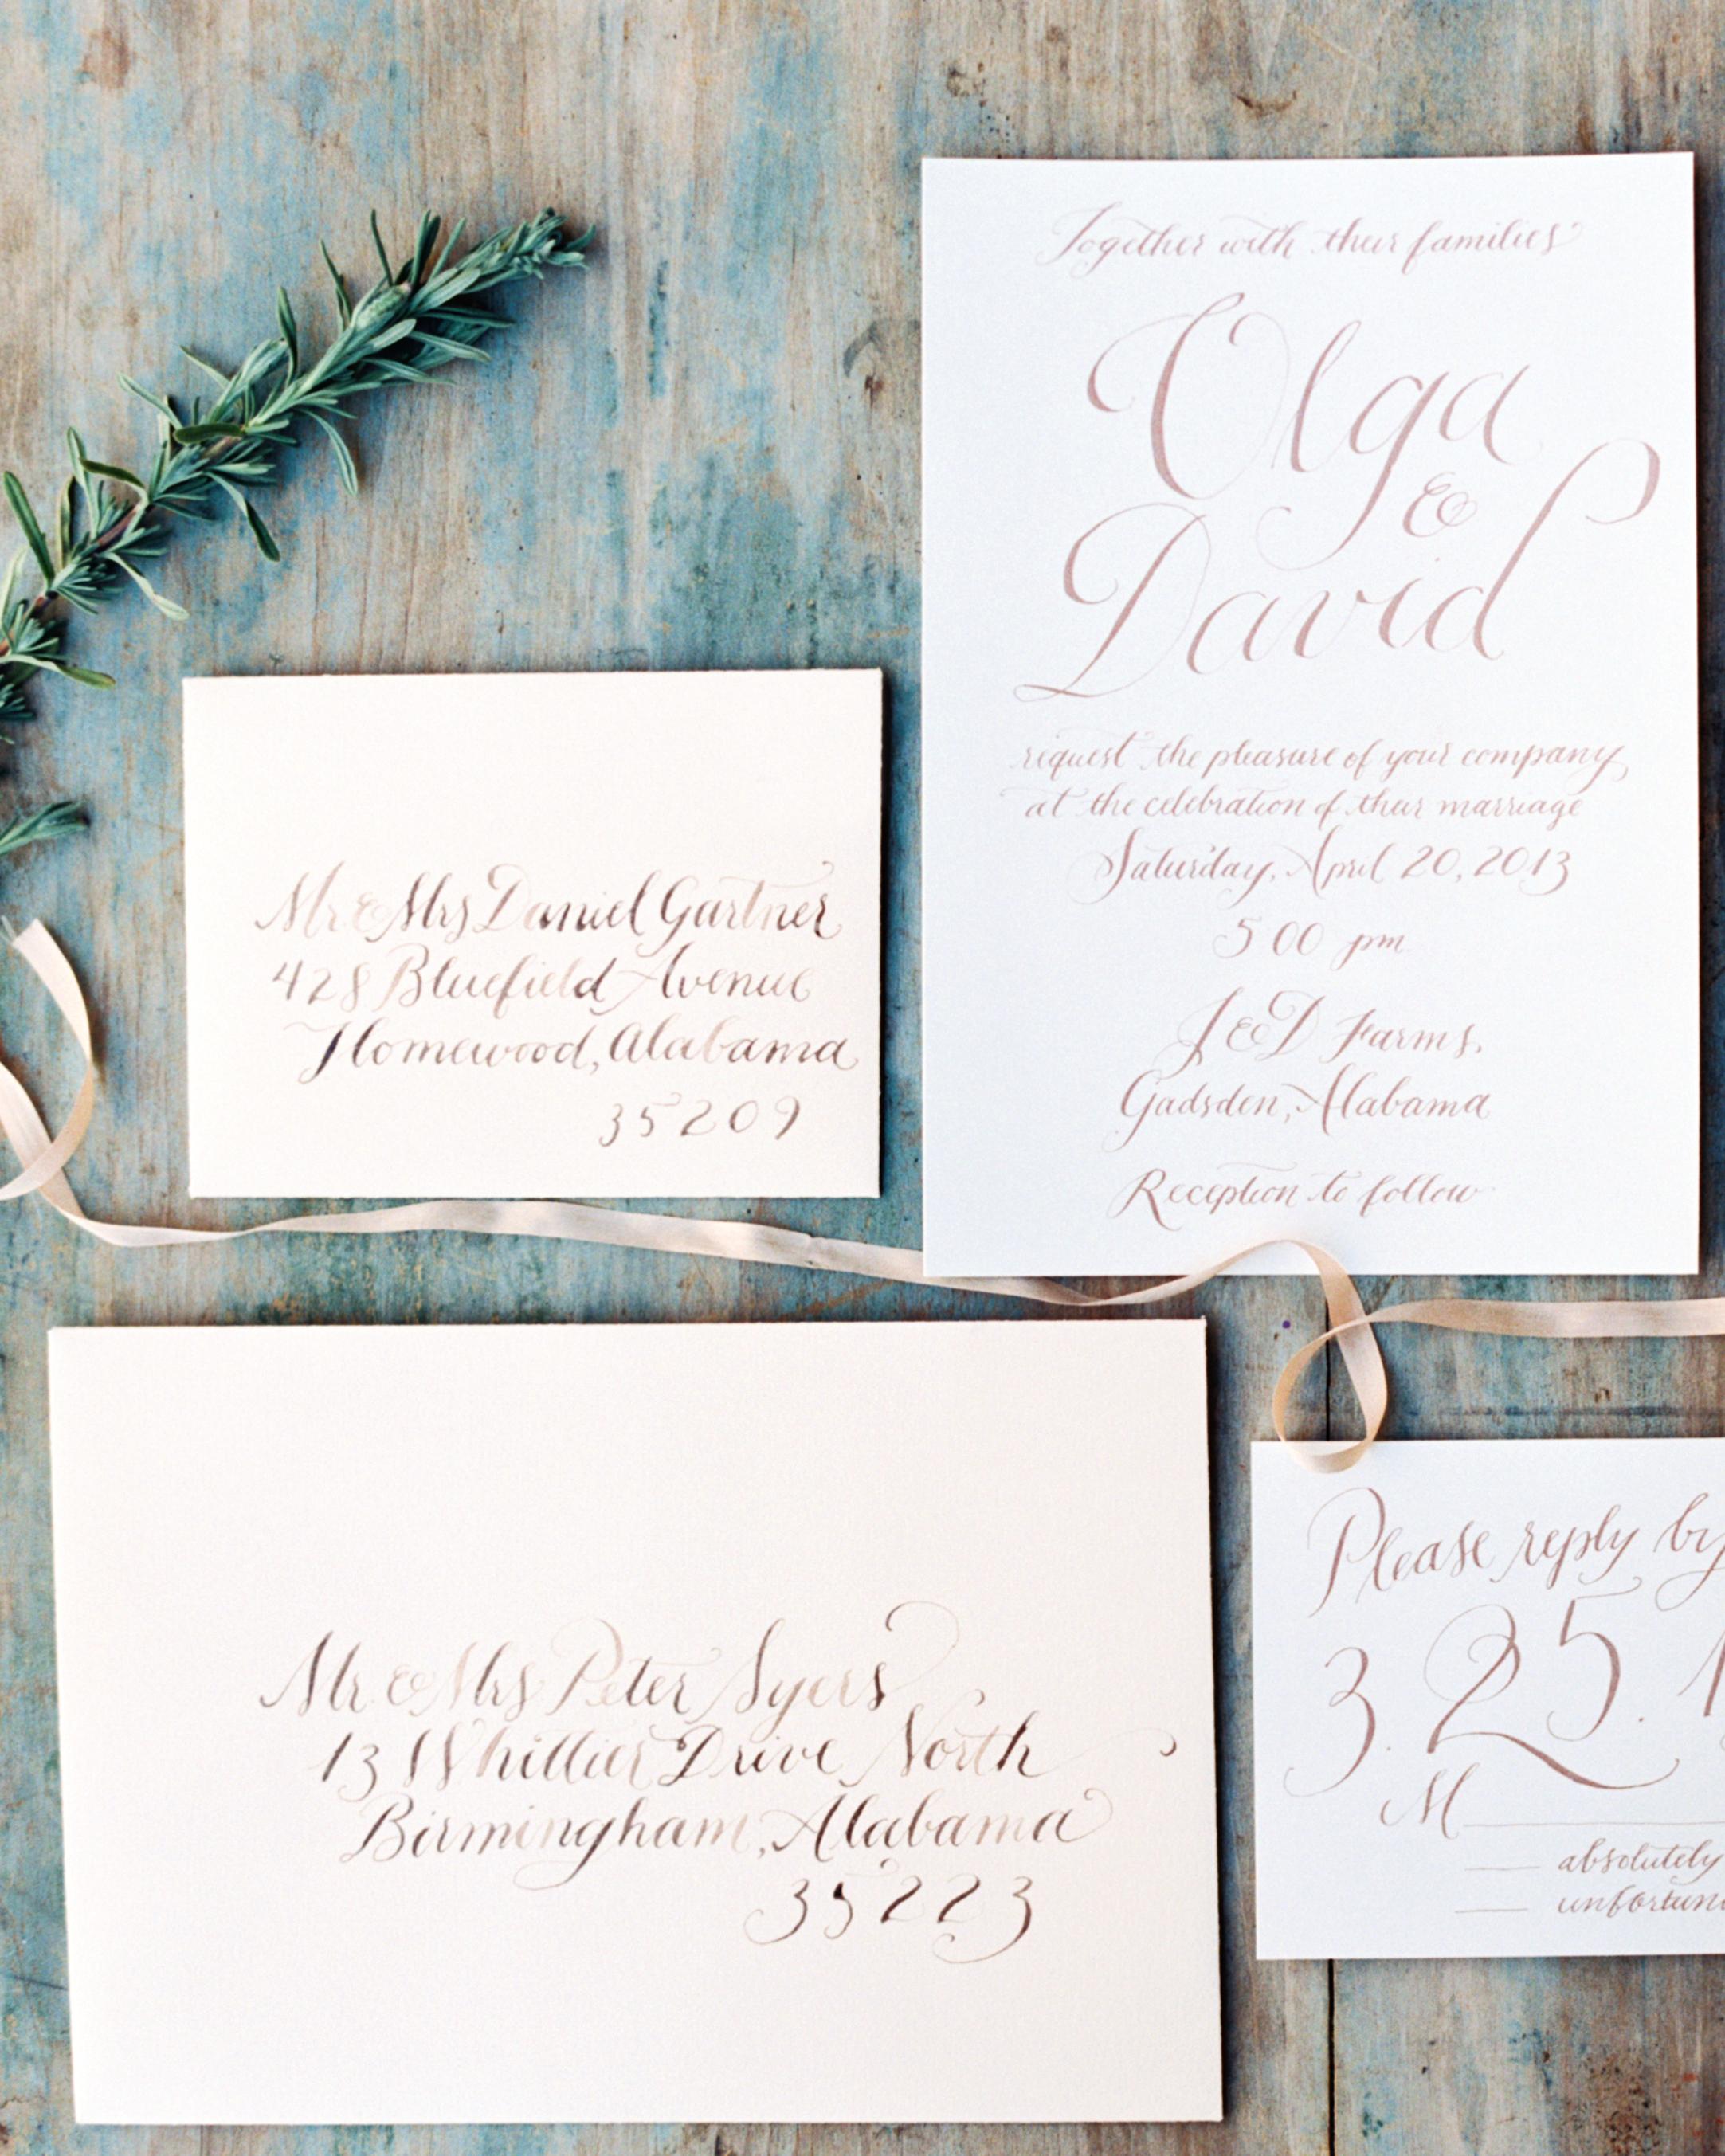 olga-david-wedding-invite-0314.jpg